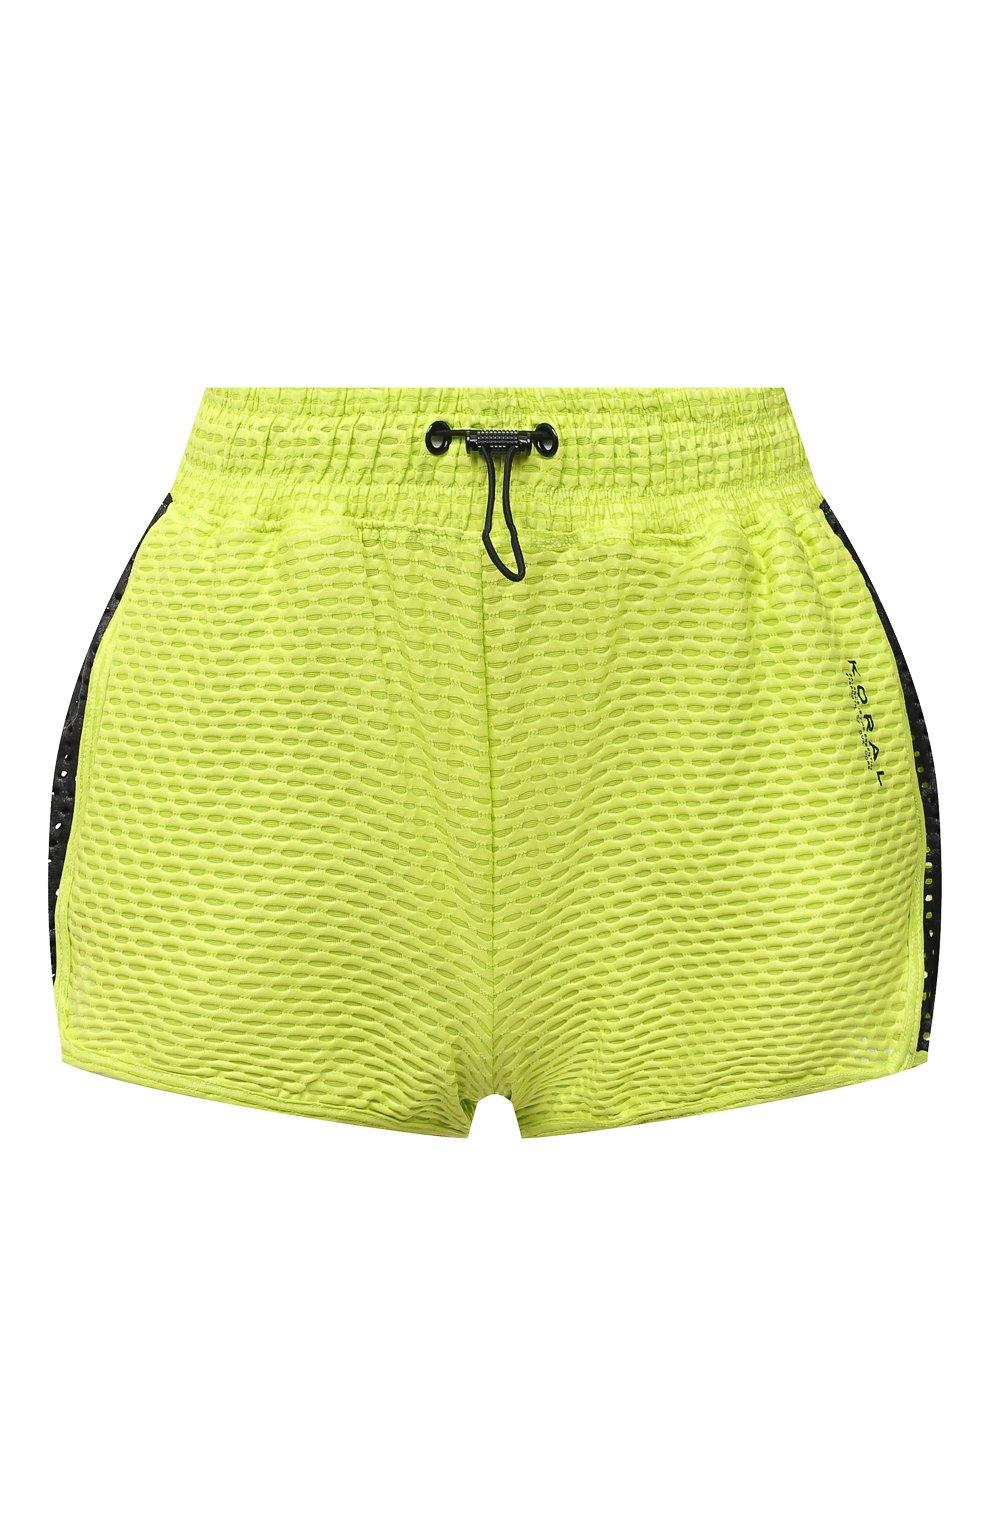 Женские шорты KORAL светло-зеленого цвета, арт. A2526K09 | Фото 1 (Длина Ж (юбки, платья, шорты): Мини; Кросс-КТ: Спорт; Материал внешний: Синтетический материал; Женское Кросс-КТ: Шорты-спорт)